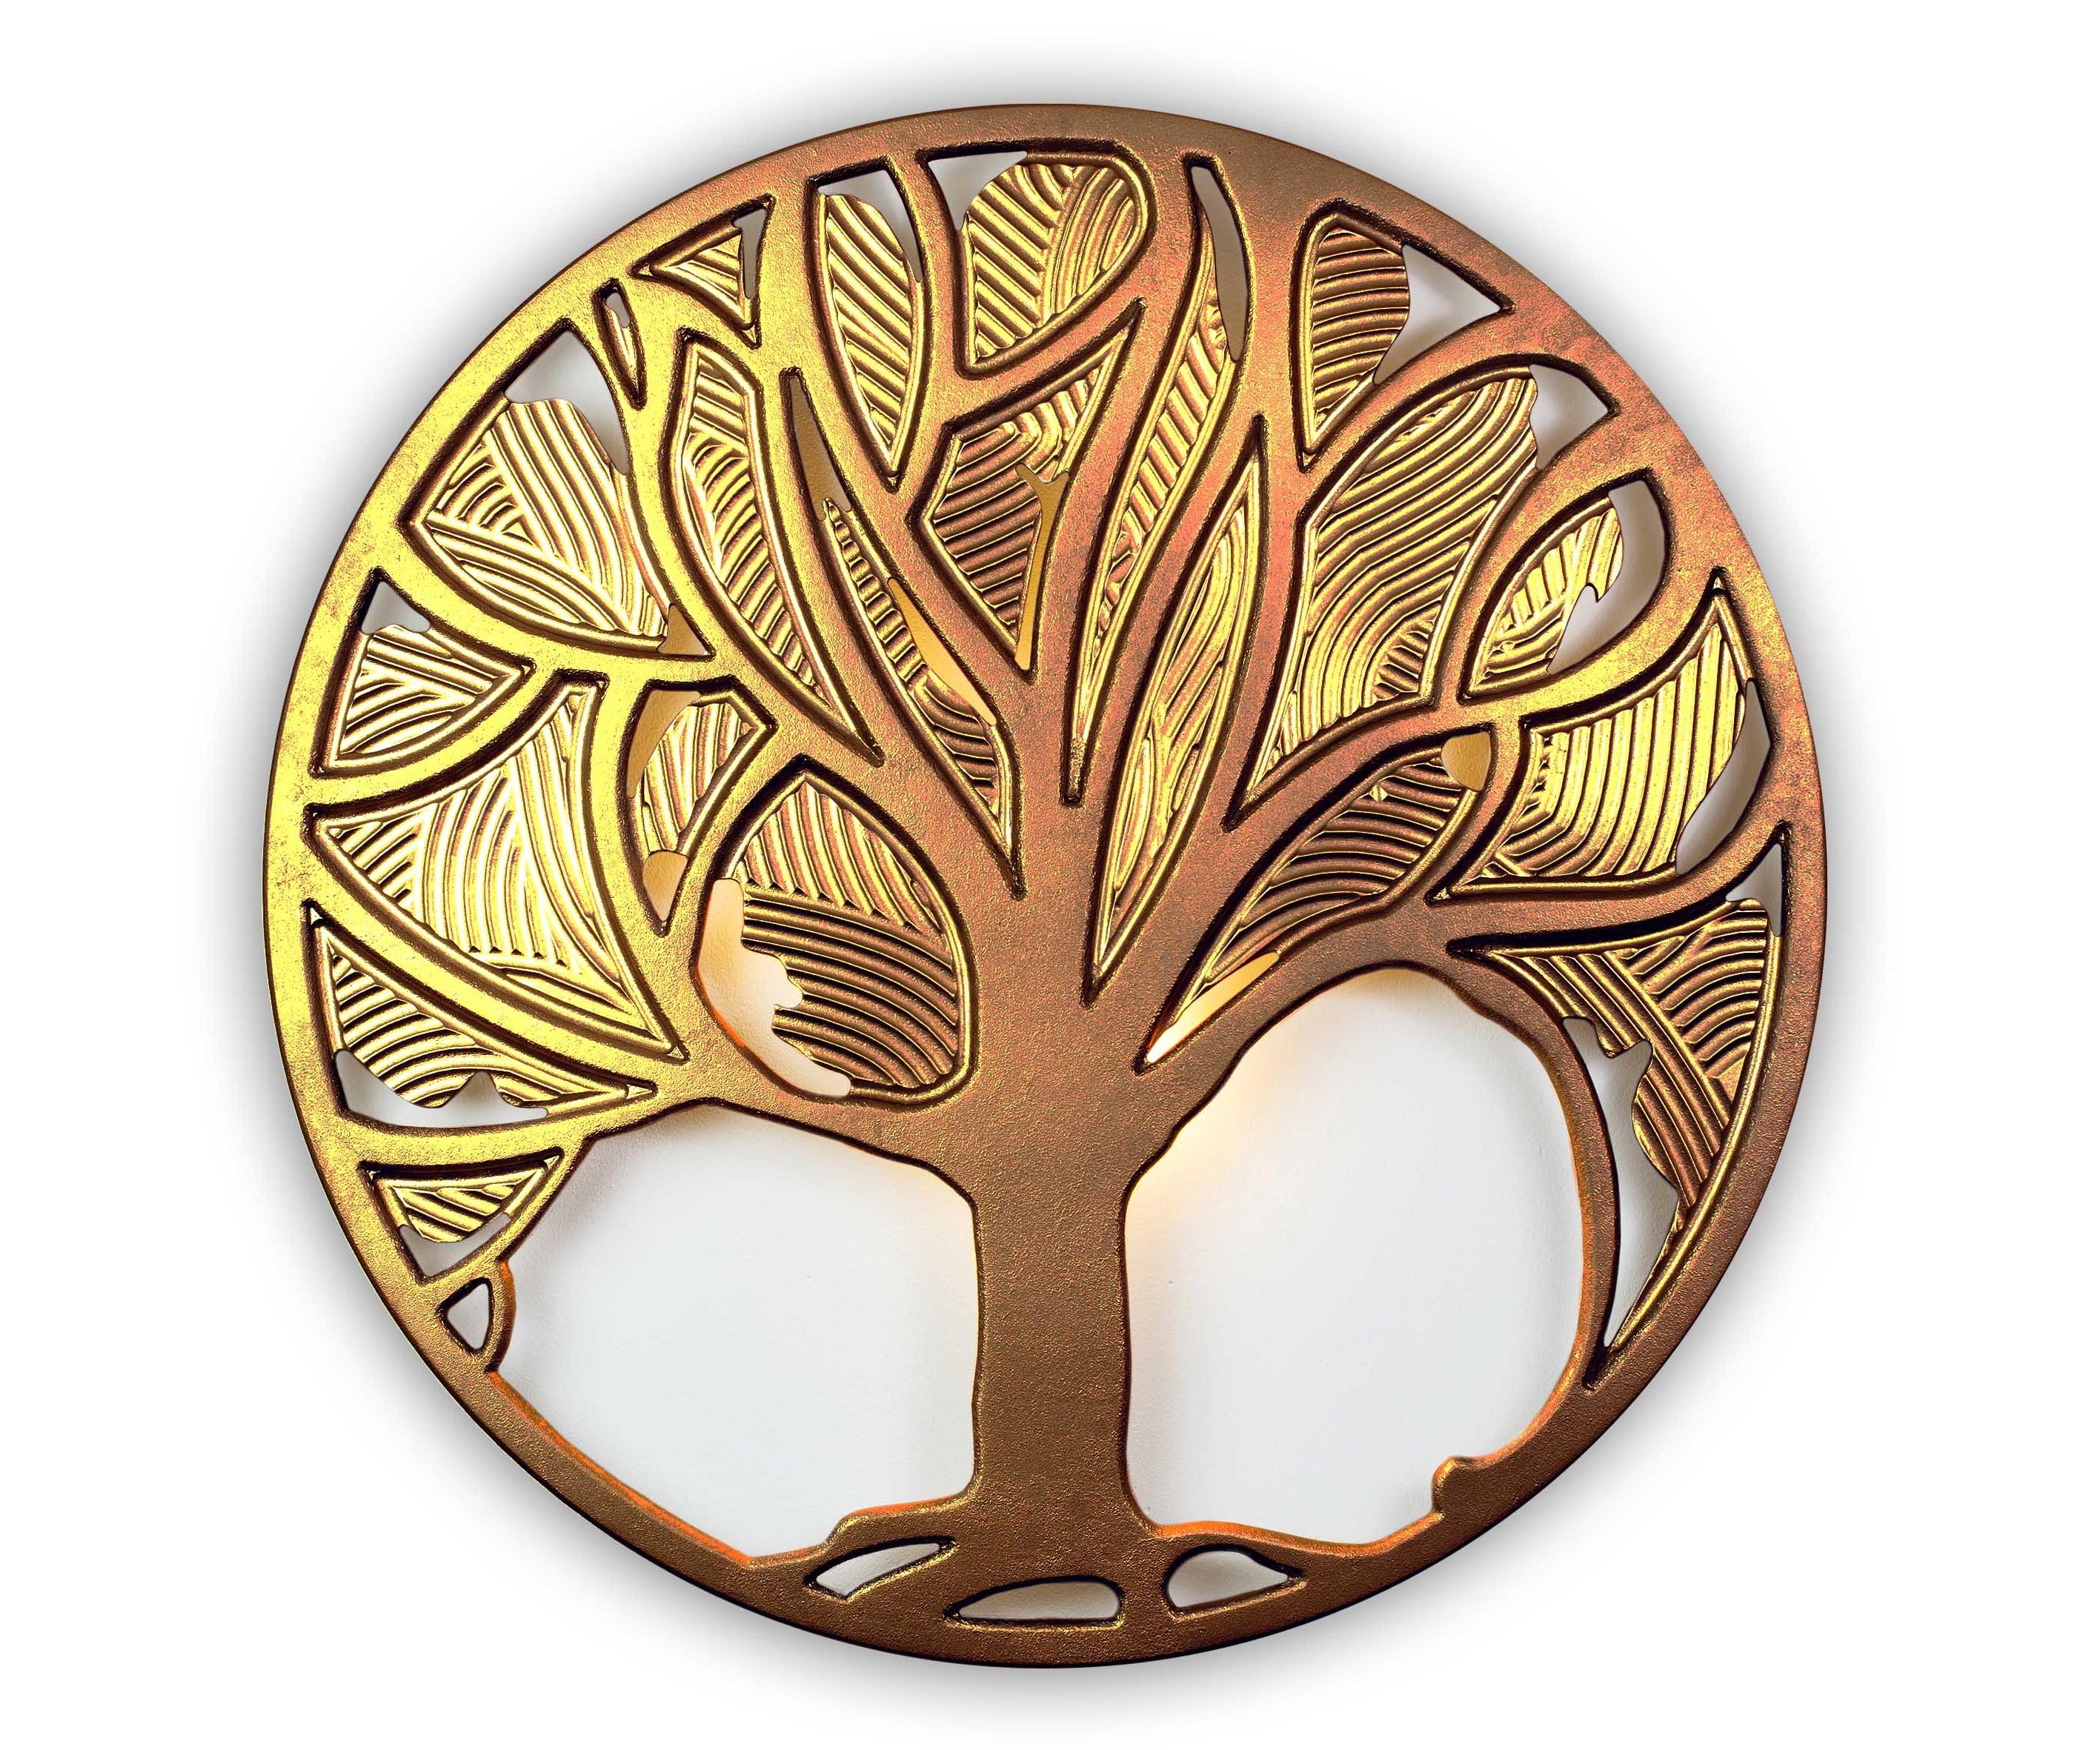 Панно FELICITYПанно<br>Могучие корни, крепкий ствол и щедрая на плоды крона – таким мы видим Древо жизни, Древо рода. <br>Добрый и одухотворяющий символ многих культур нашел воплощение в панно Felicity, чтобы каждый день напоминать нам о вечных ценностях.&amp;amp;nbsp;<br><br>Material: Дерево<br>Depth см: 0,8<br>Diameter см: 90